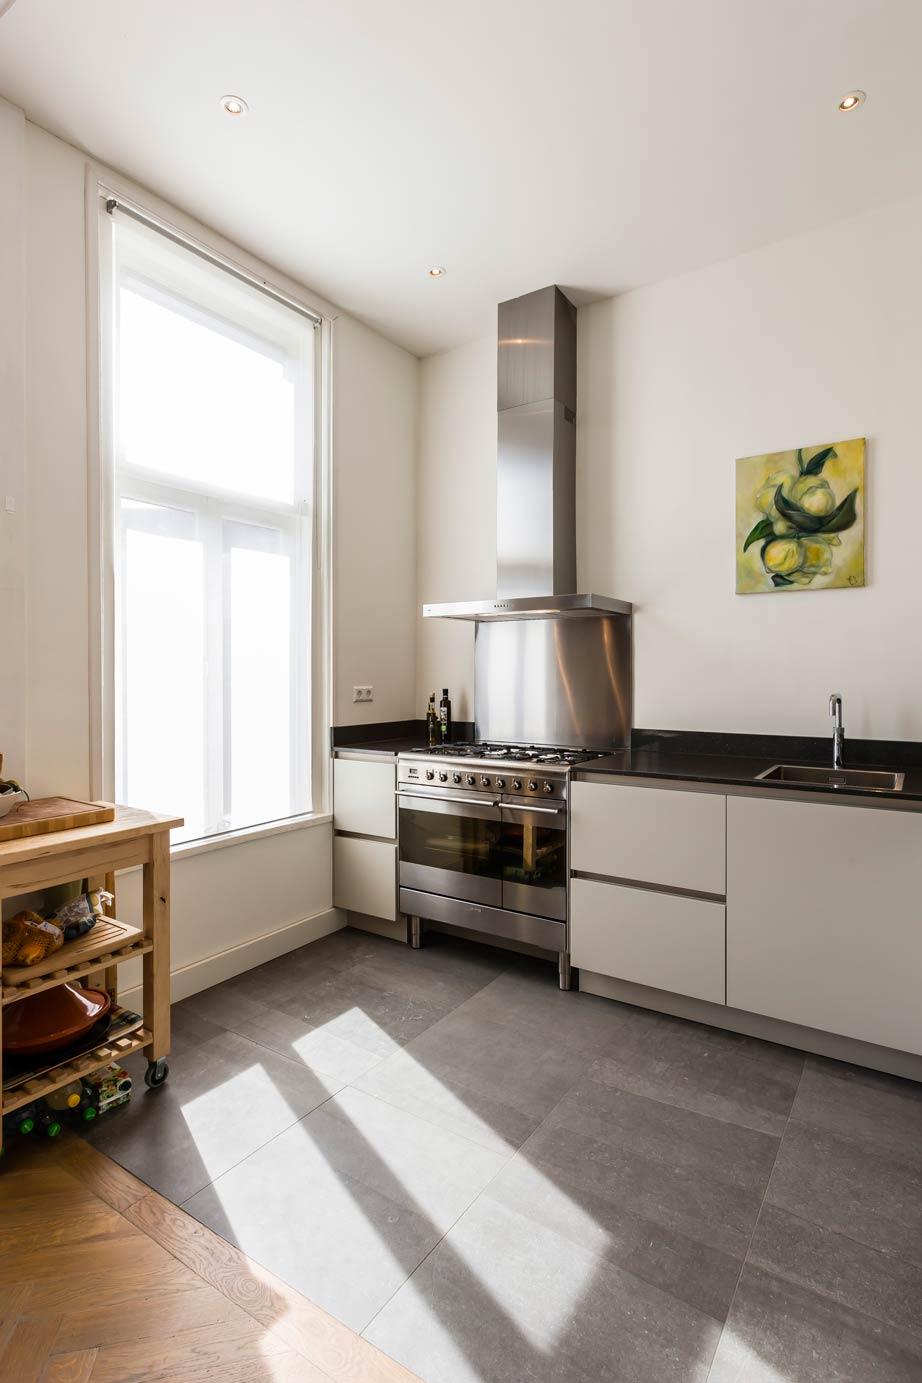 Design Keuken Utrecht : Een keuken en badkamer kopen in utrecht lees klantervaringen arma